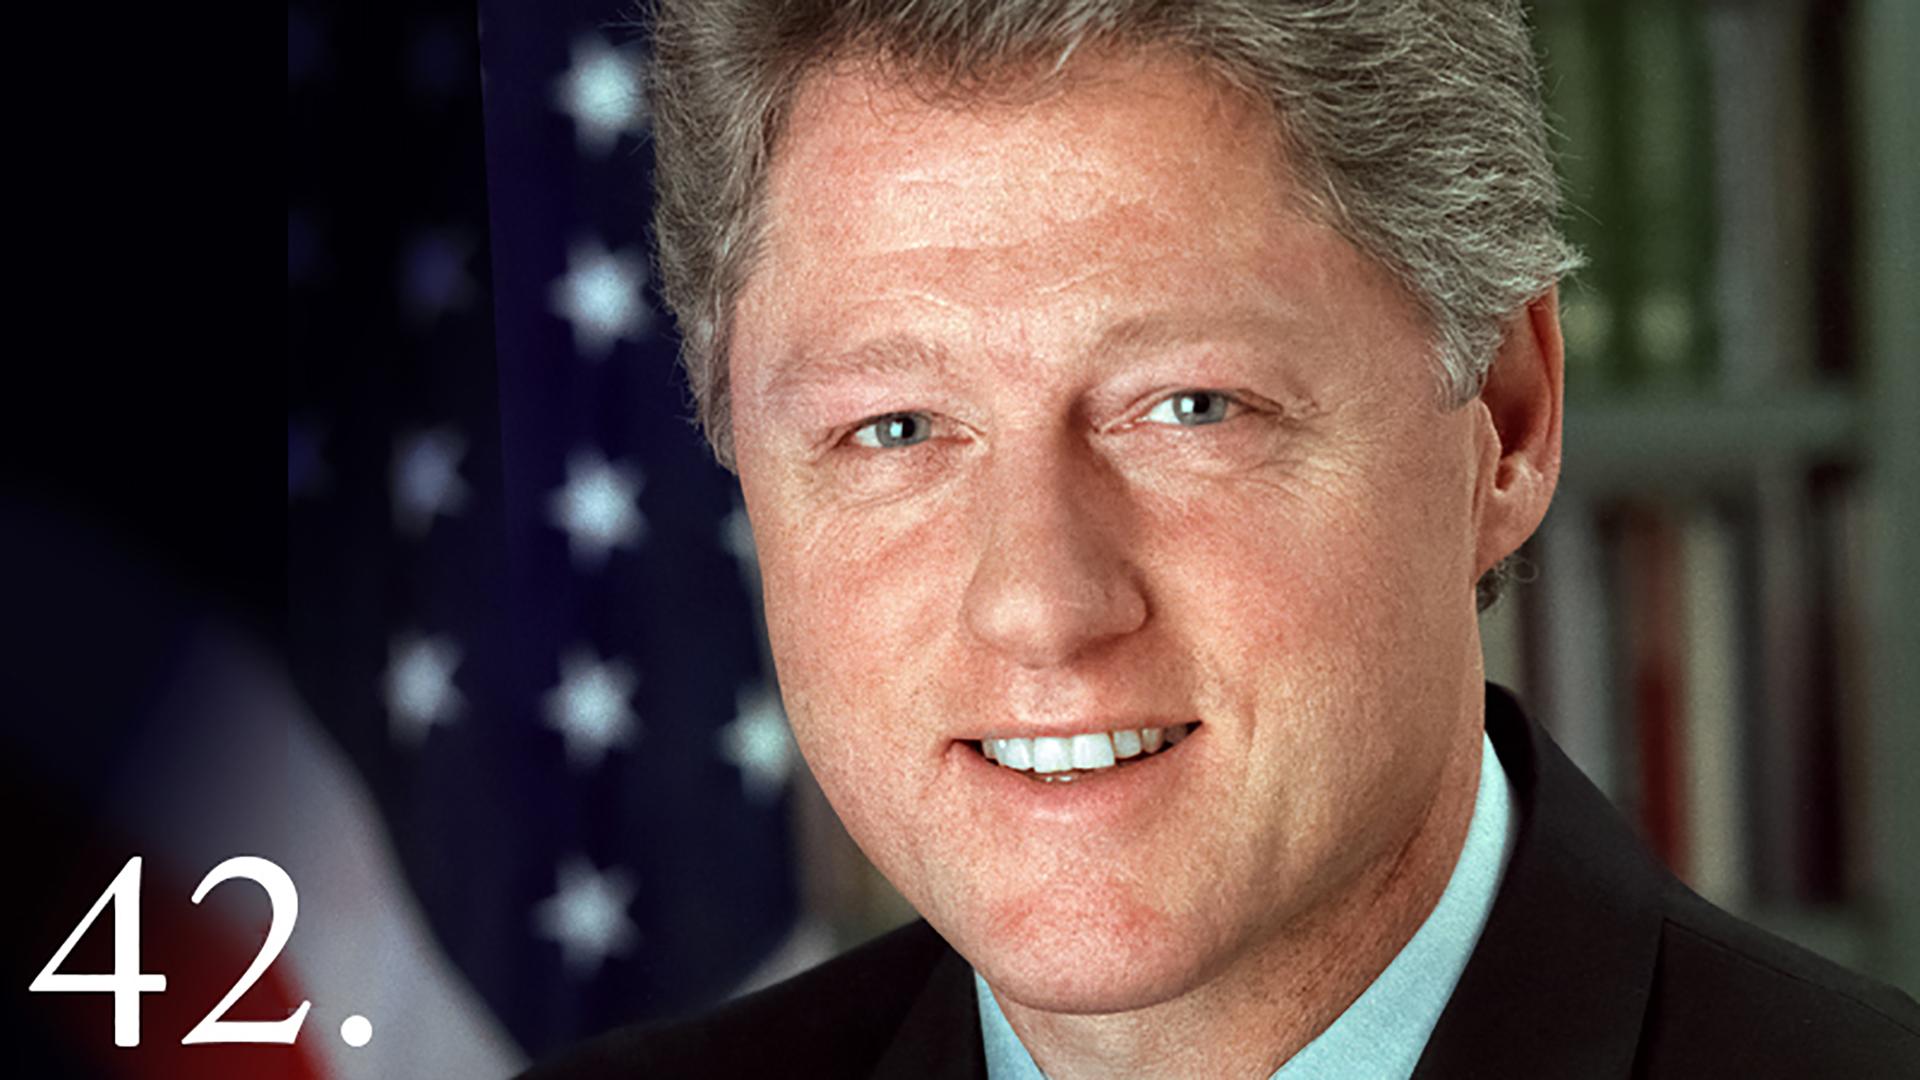 Desde que se aprobó en 1996, durante el gobierno del presidente número 42, Bill Clinton, este segmento de la ley Helms-Burton ha sido postergado por todos los mandatarios estadounidenses.